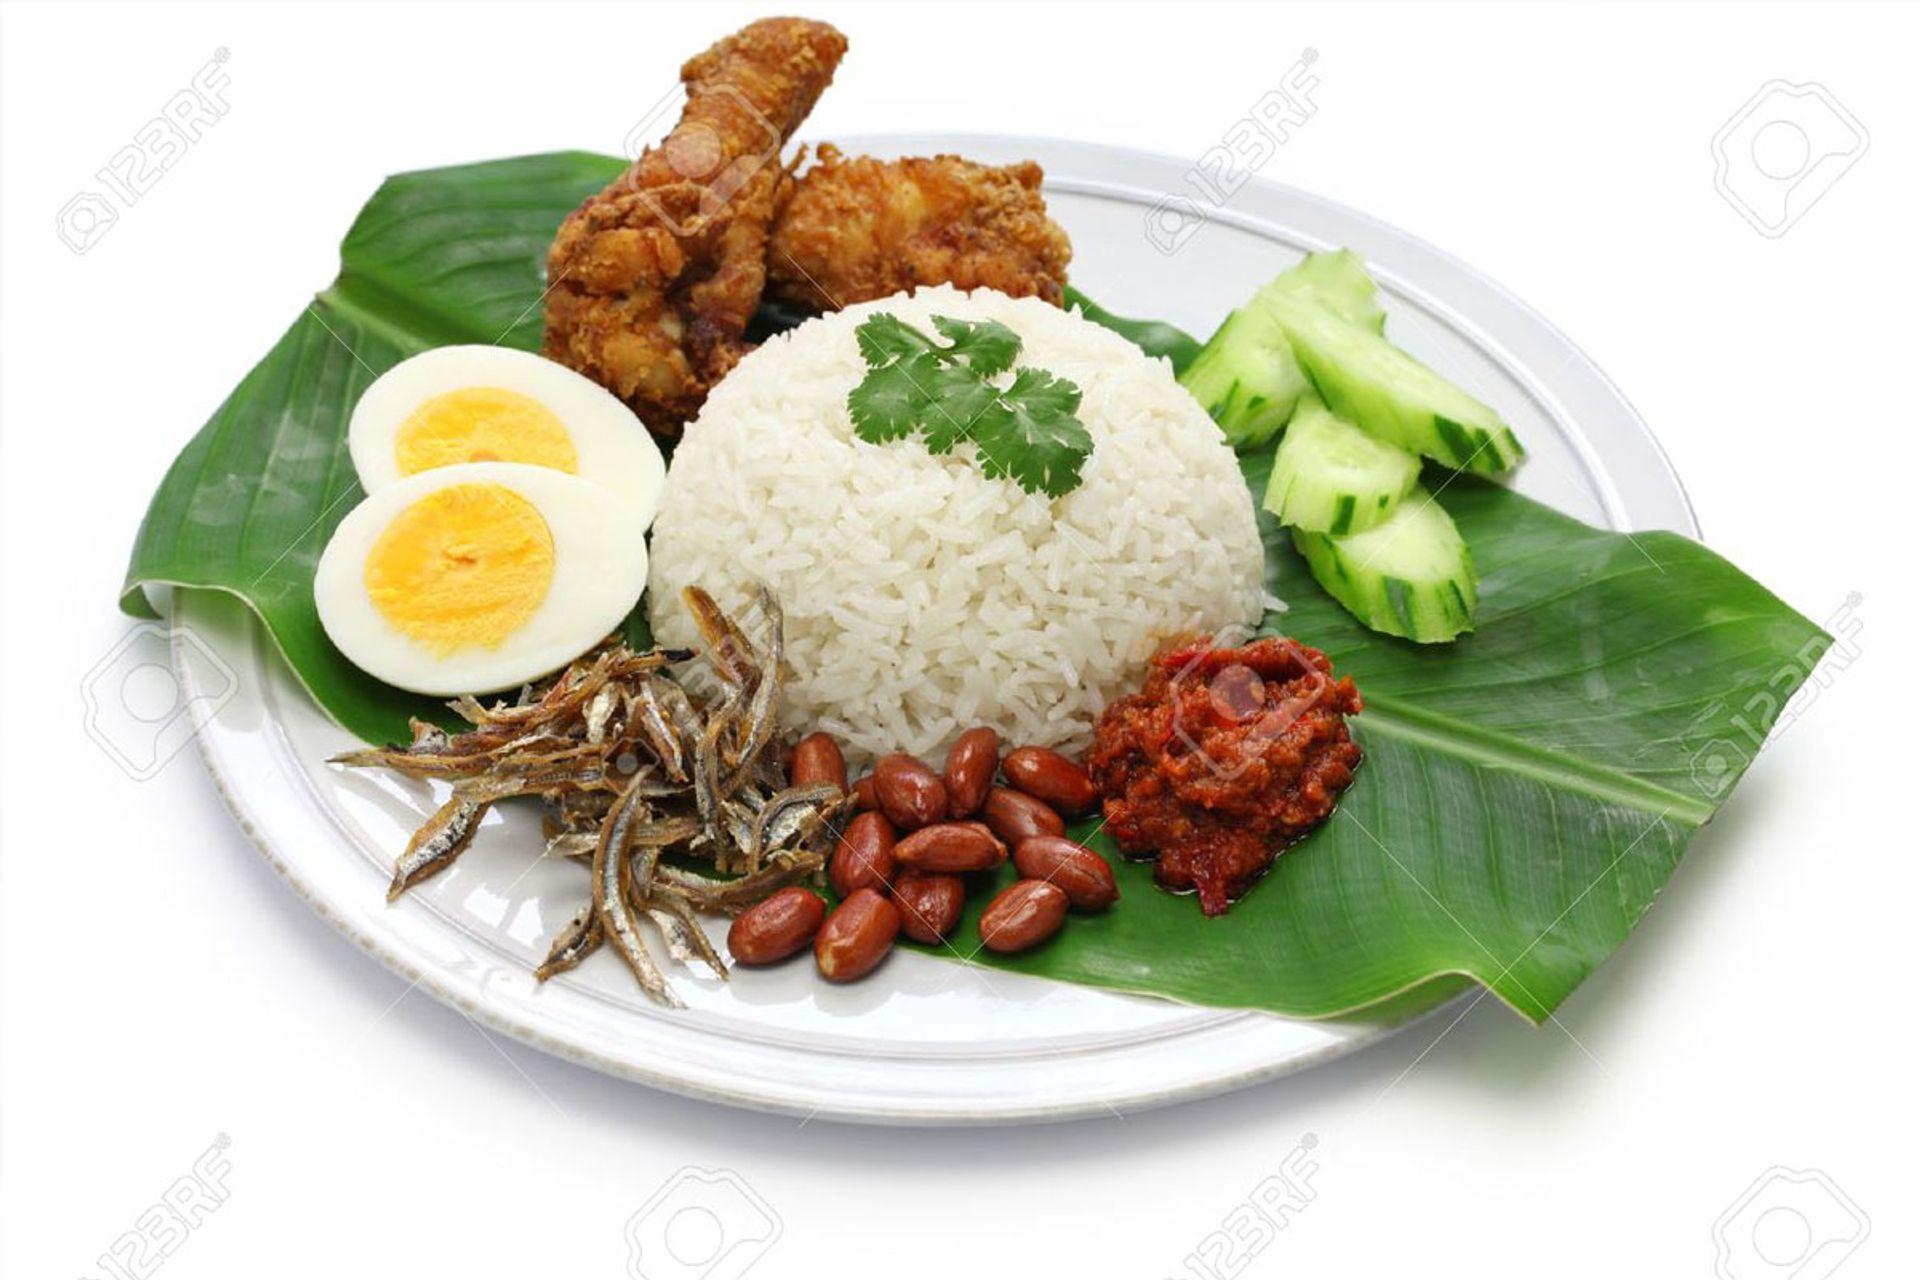 Cá cơm chiên, các loại hạt, dưa leo và một quả trứng luộc